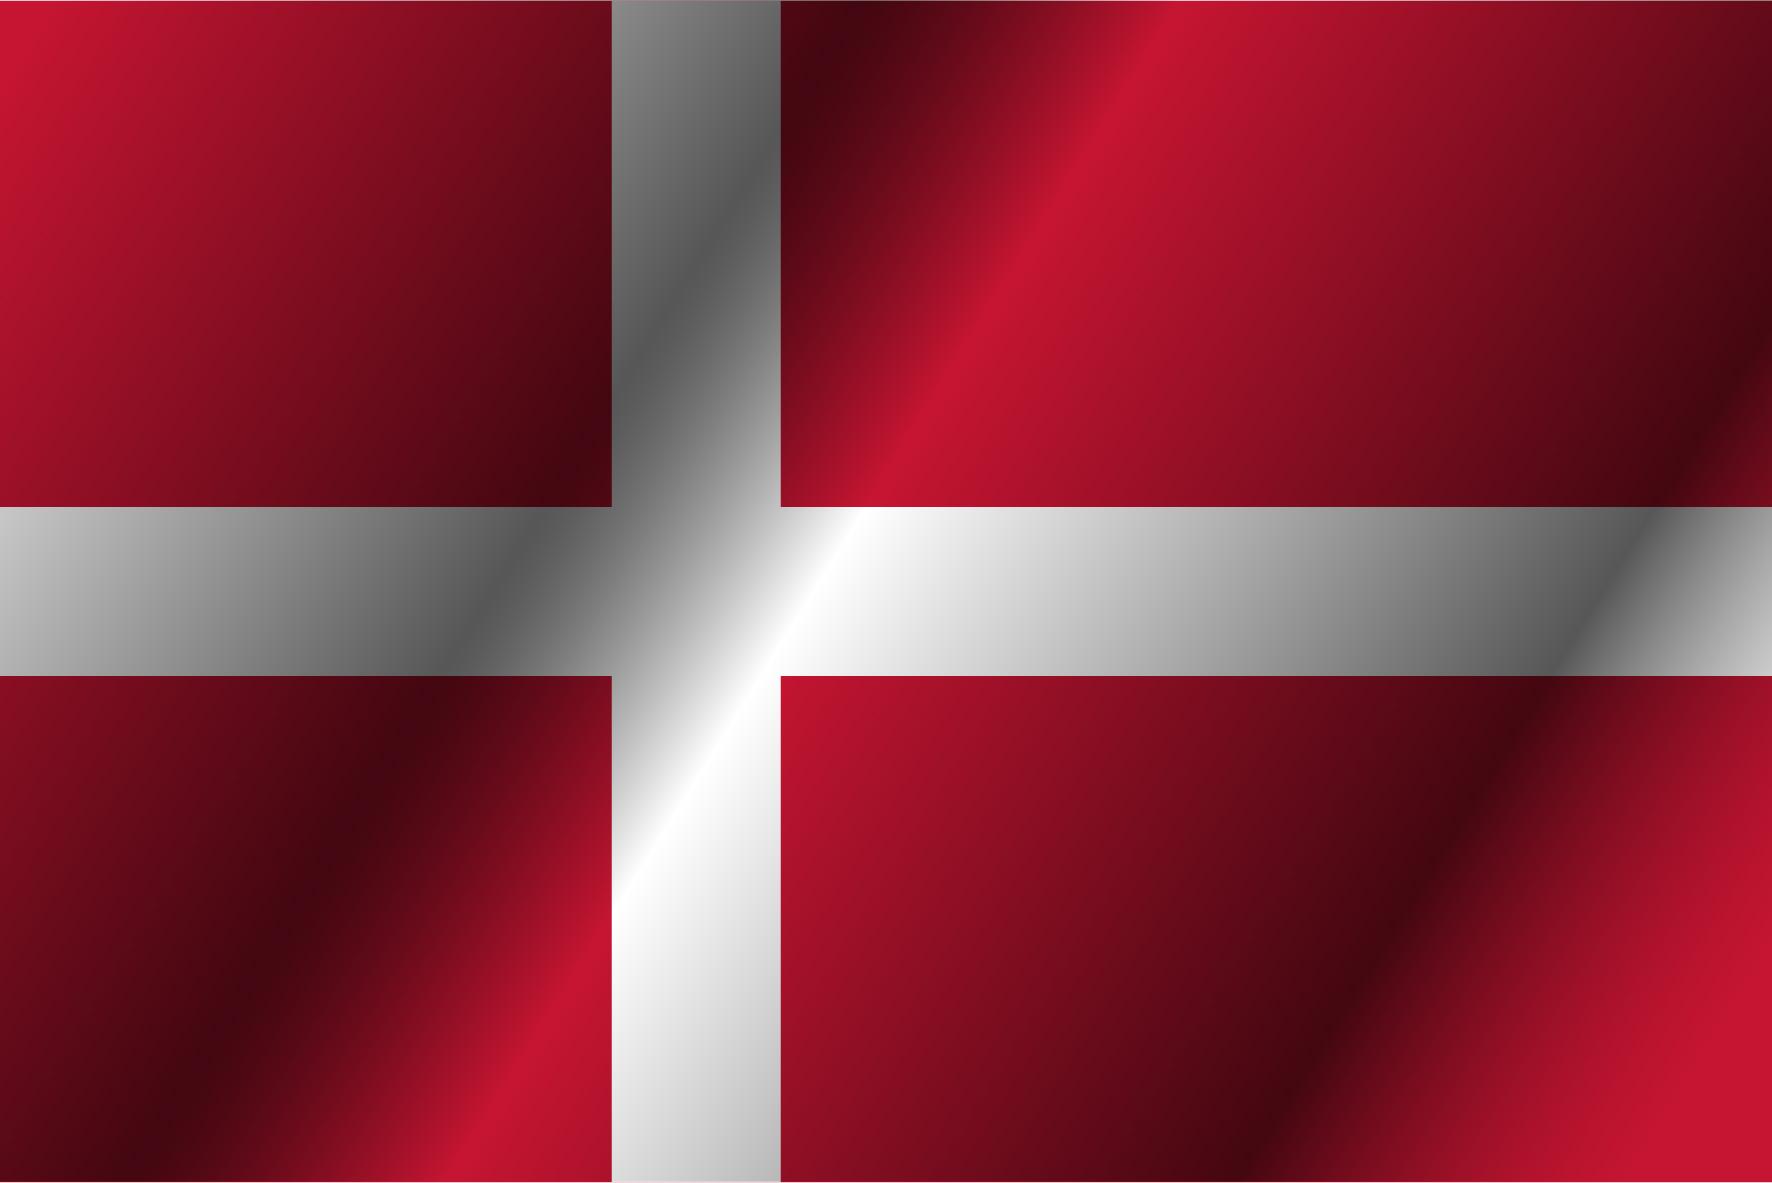 Bandera con una cruz blanca y fondo azul